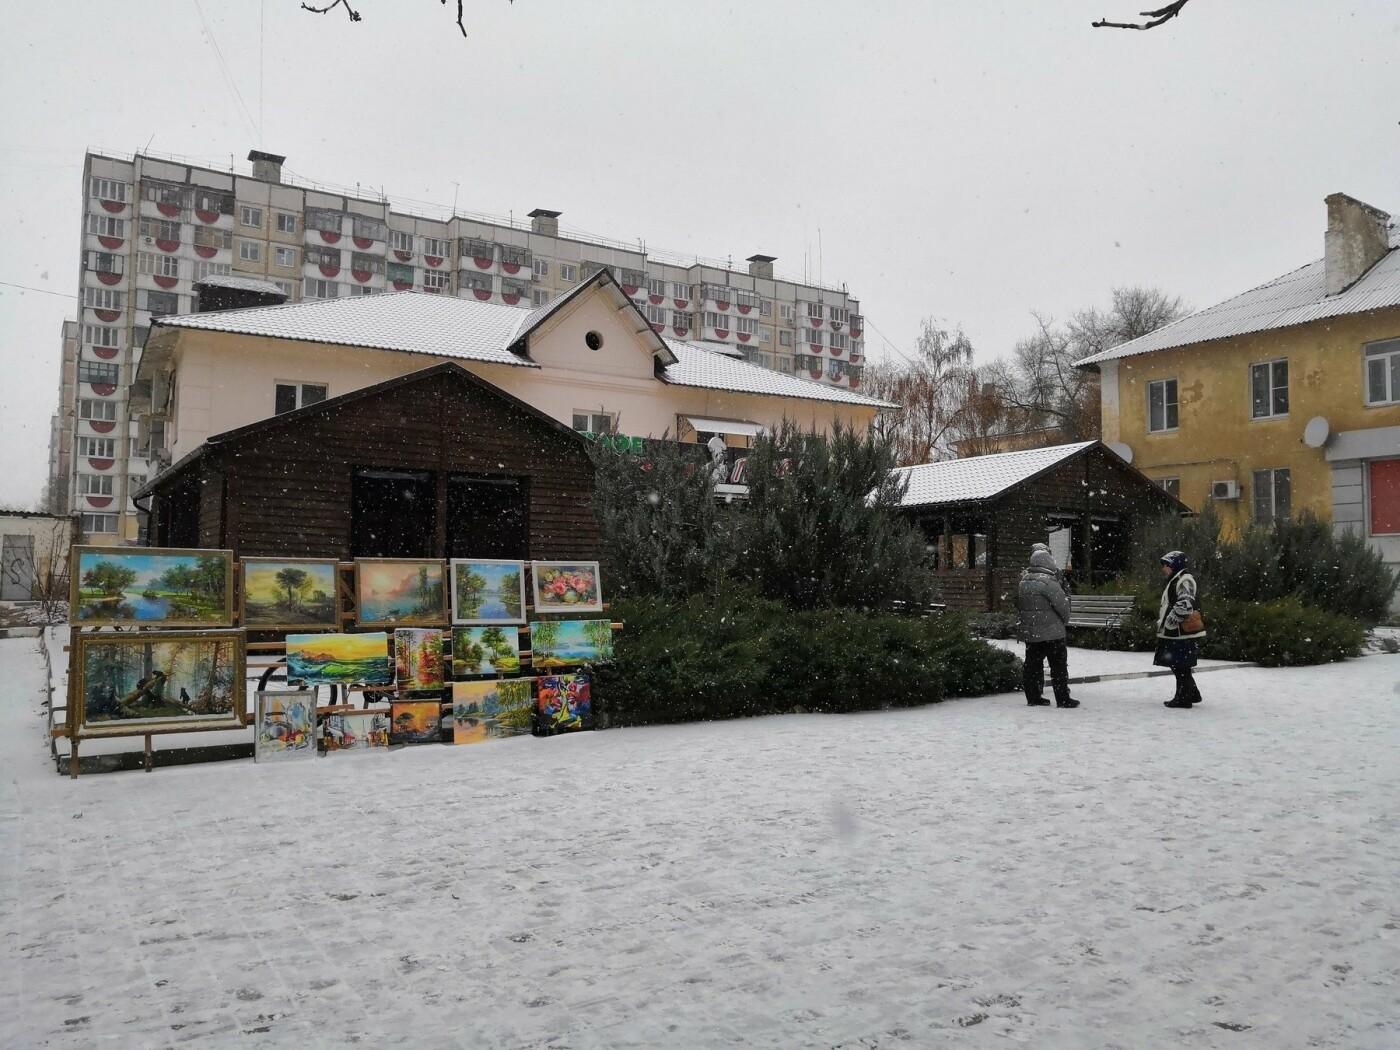 В понедельник белгородцам обещают дождь со снегом и туман, фото-3